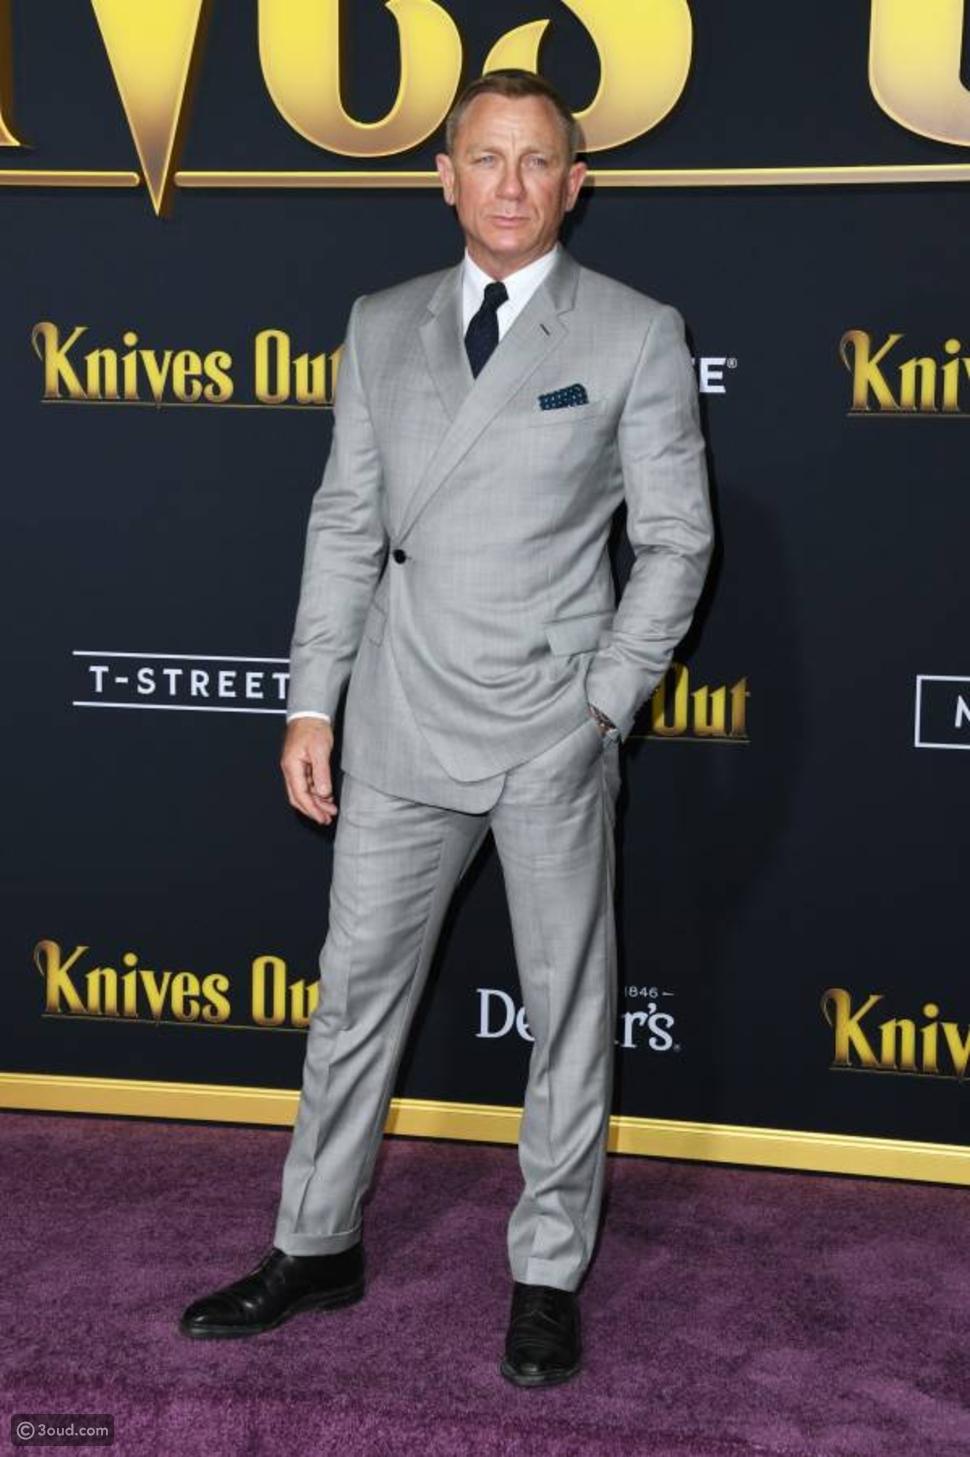 النجم دانيال كريغ في افتتاح فيلم knives out